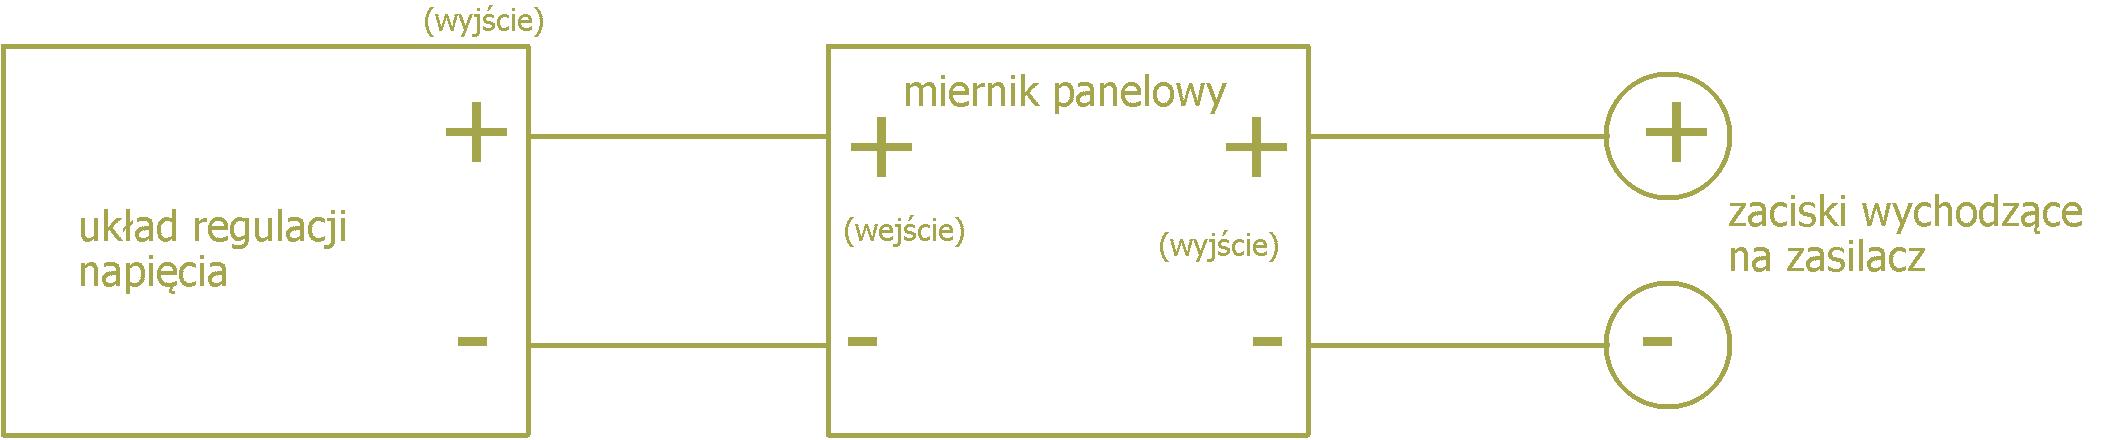 podl_miernik_2